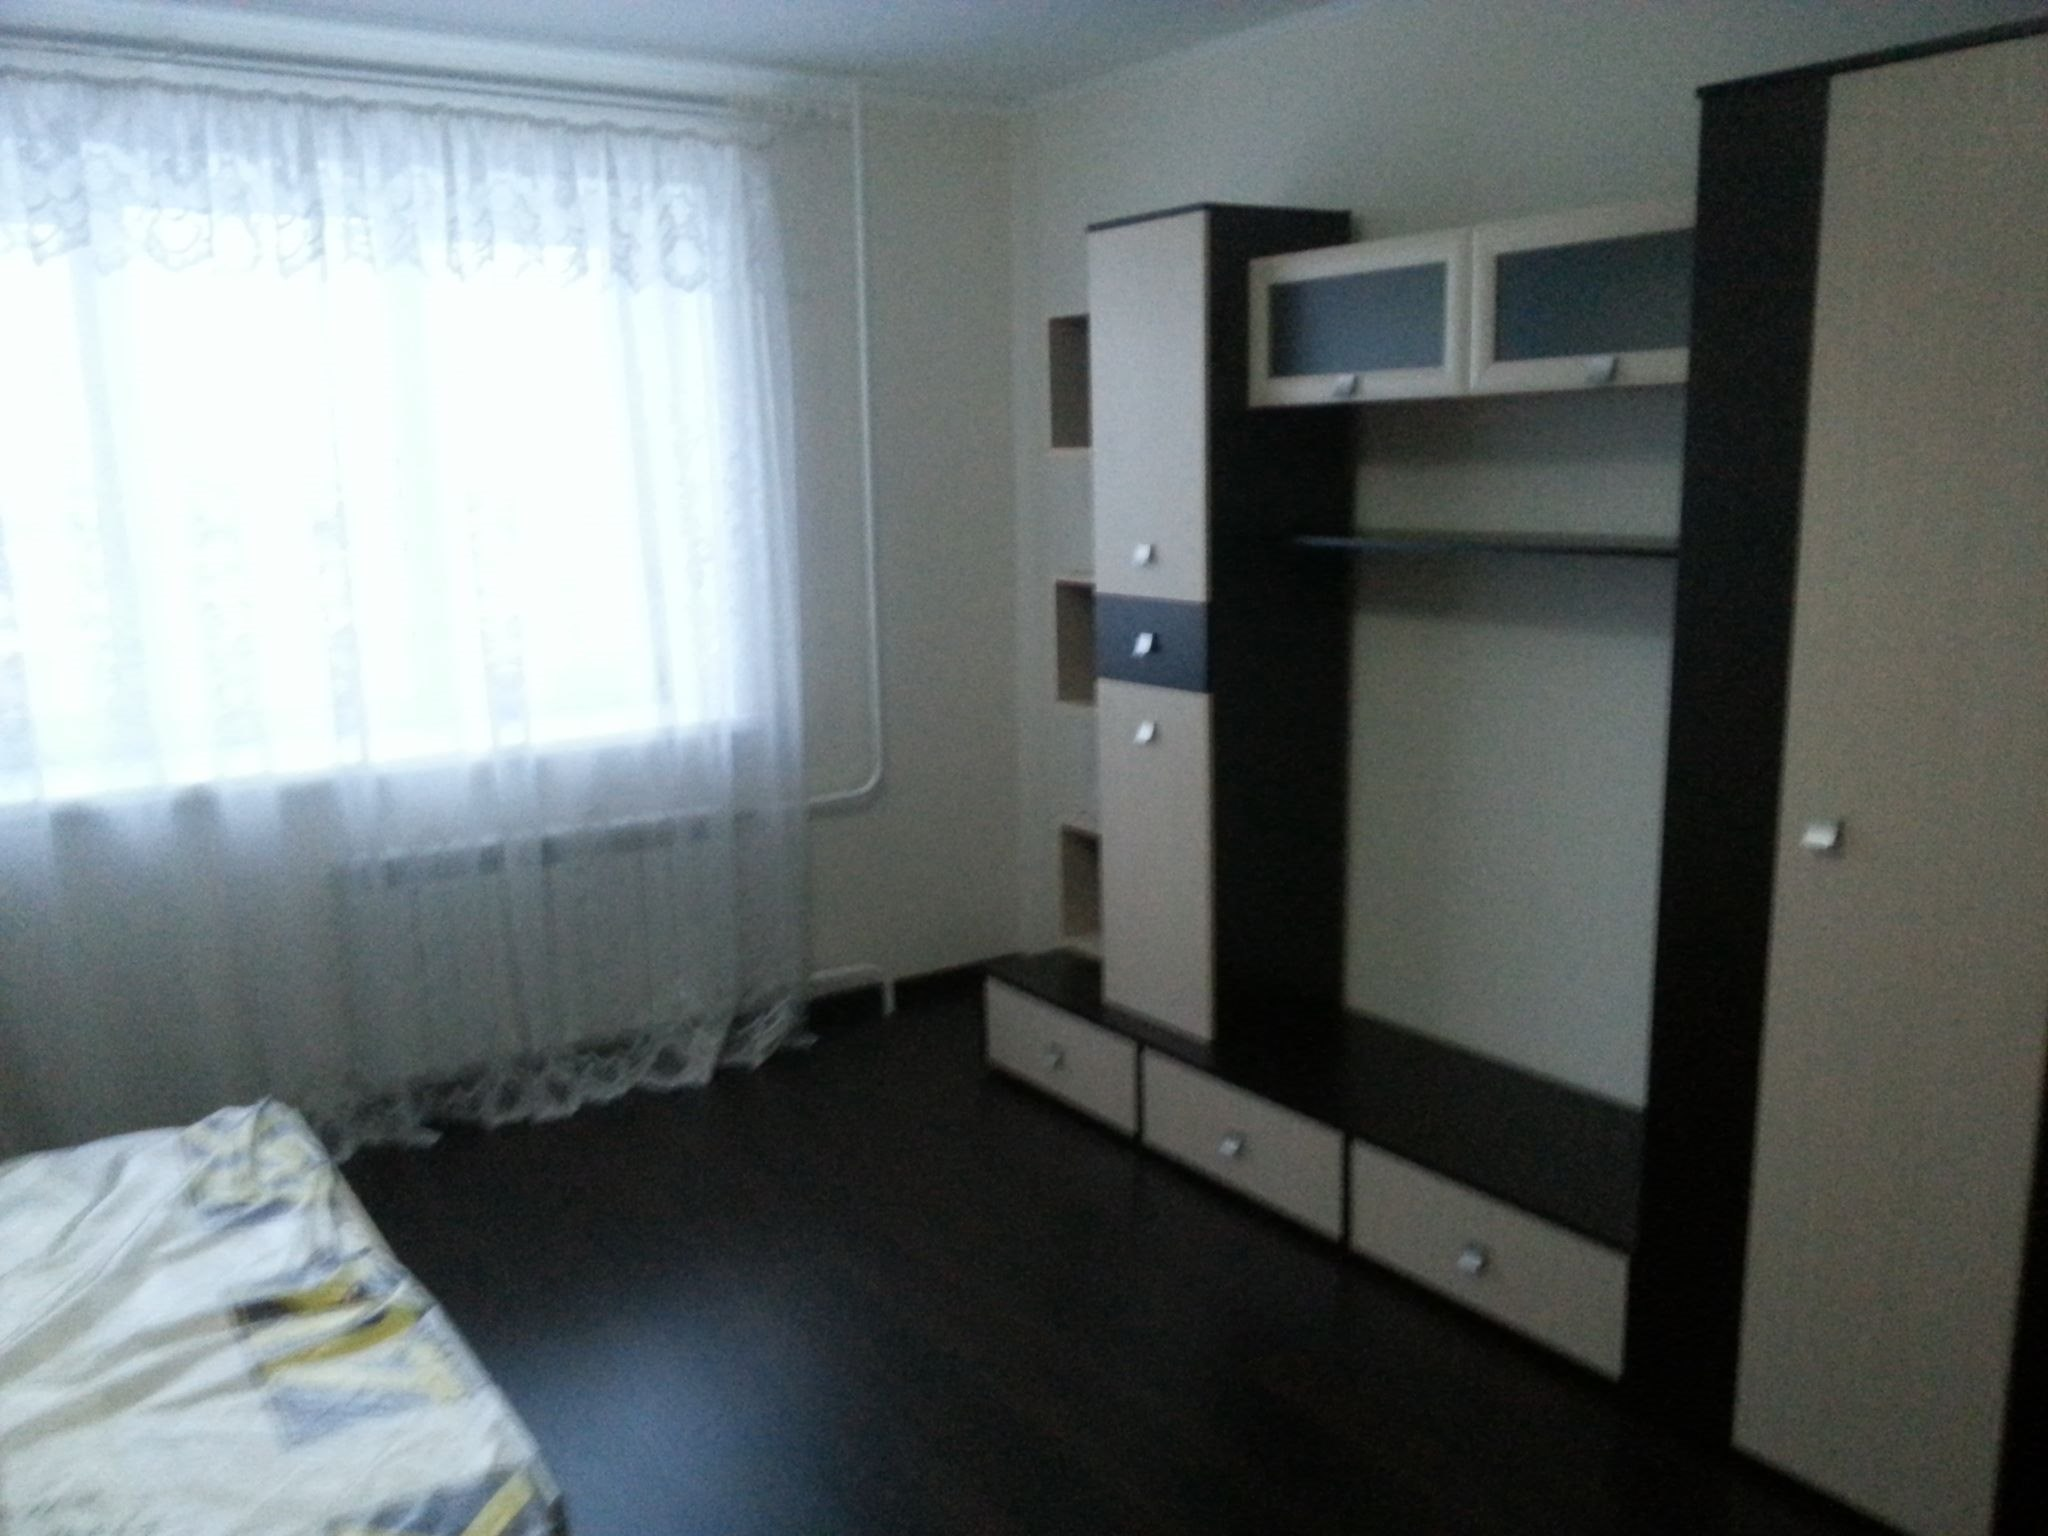 Продажа квартир: 1-комнатная квартира, Московская область, Можайск, ул. Дмитрия Пожарского, 8, фото 1